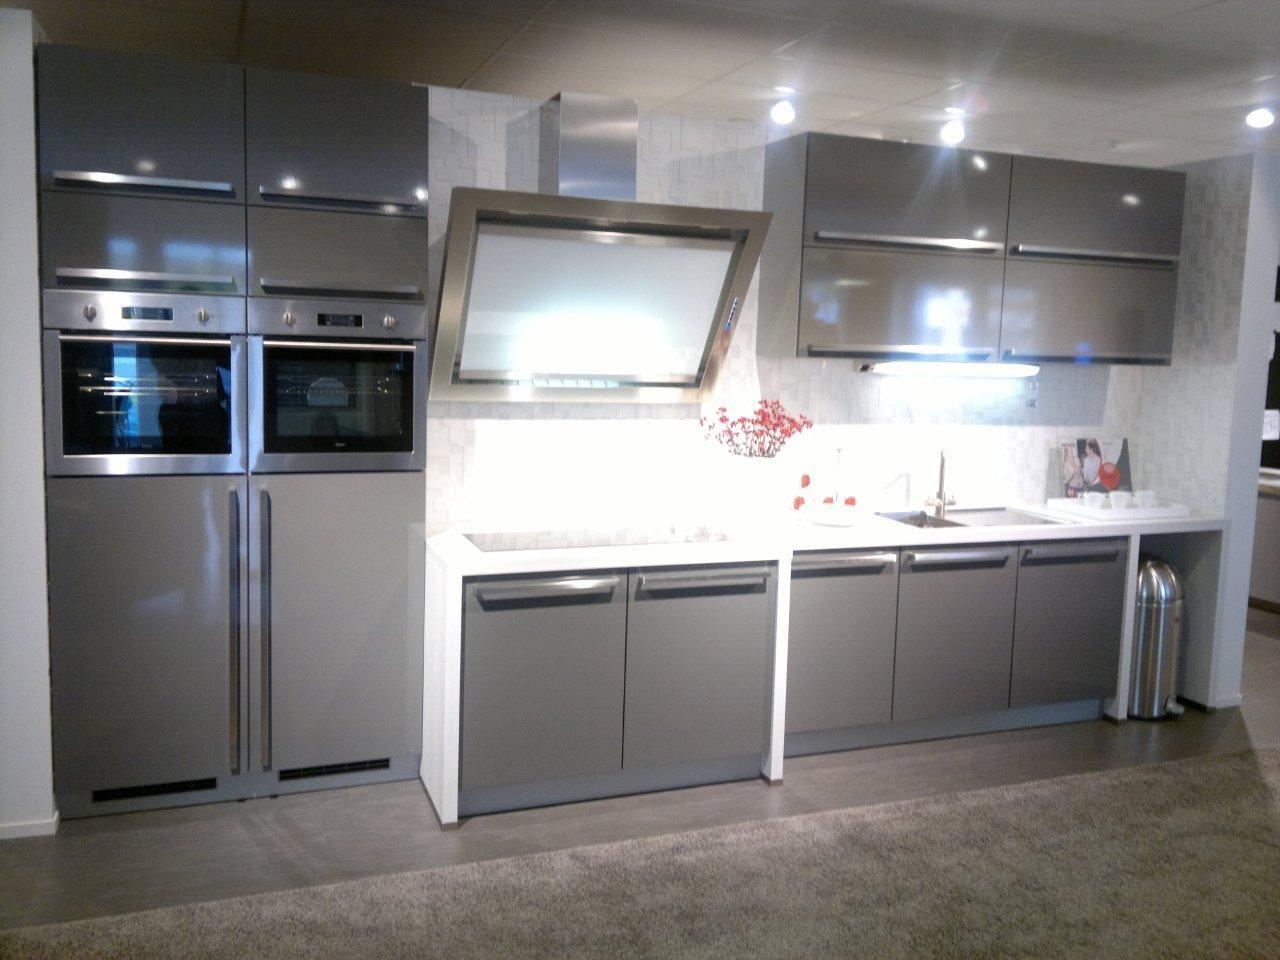 ... keukens voor zeer lage keuken prijzen  Moderne design keuken [45023